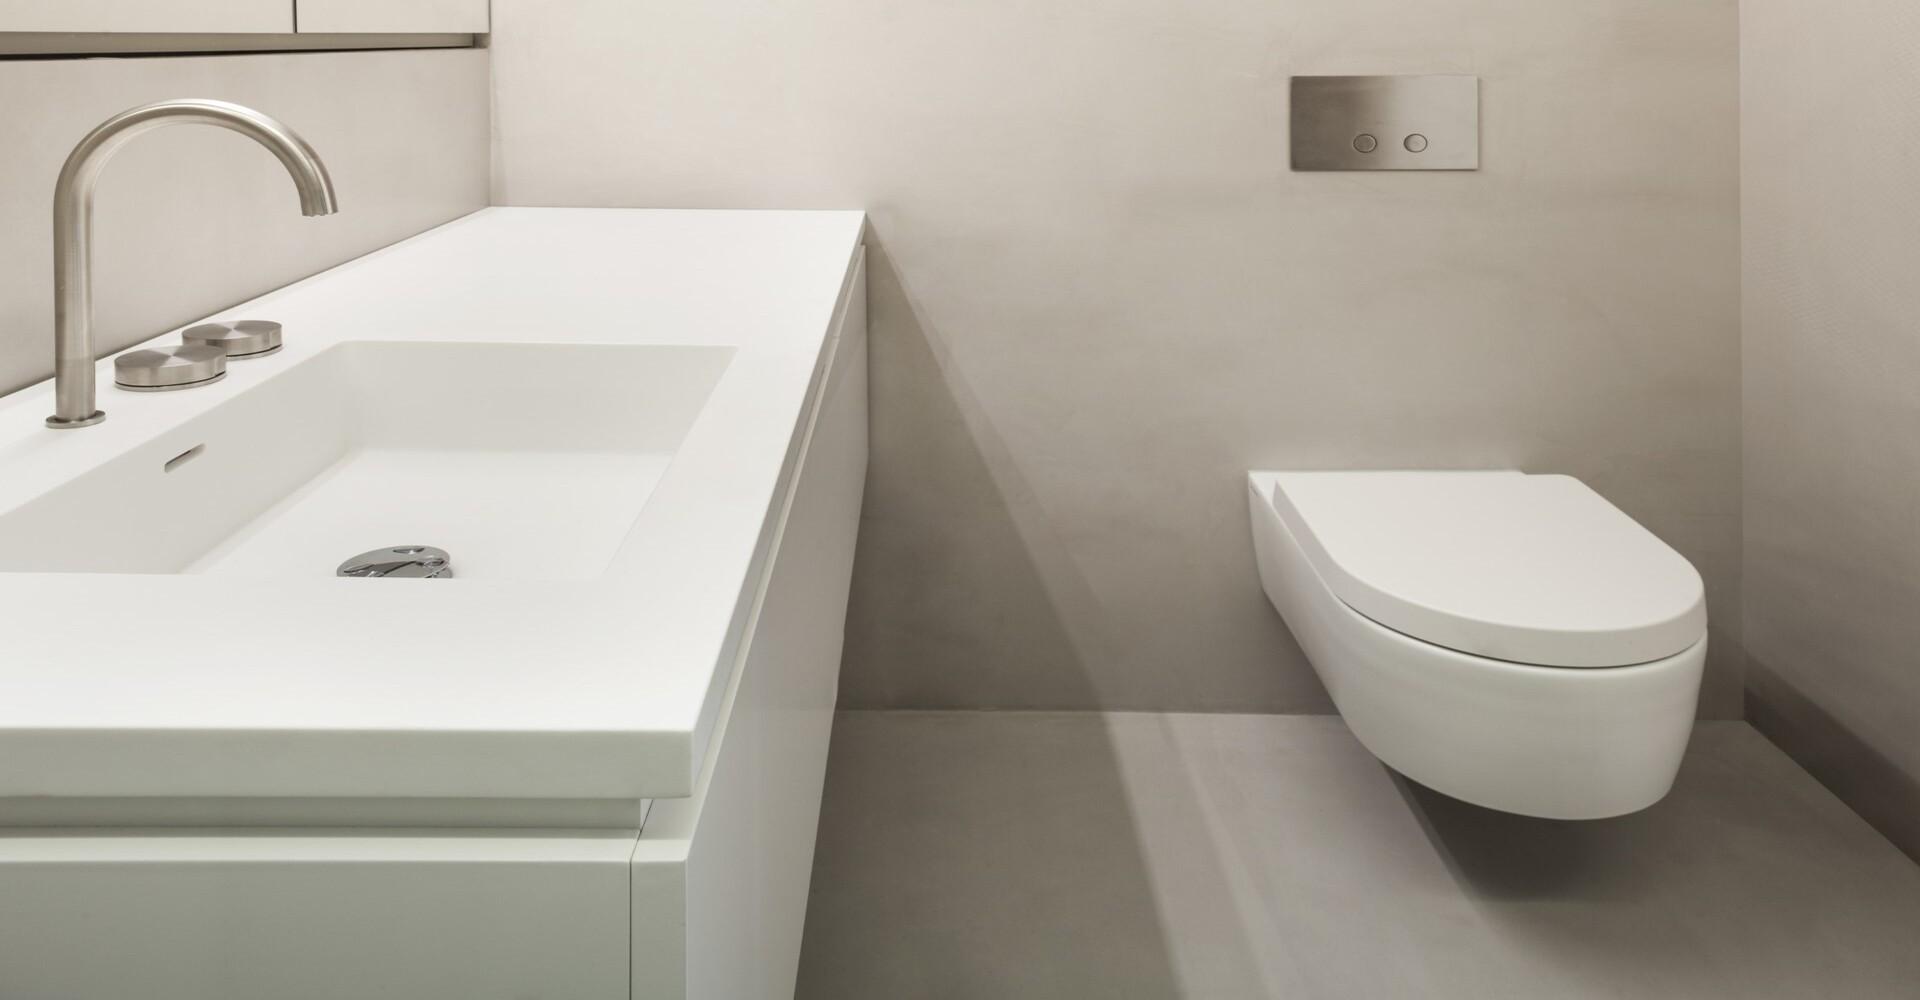 Betonvloer toilet